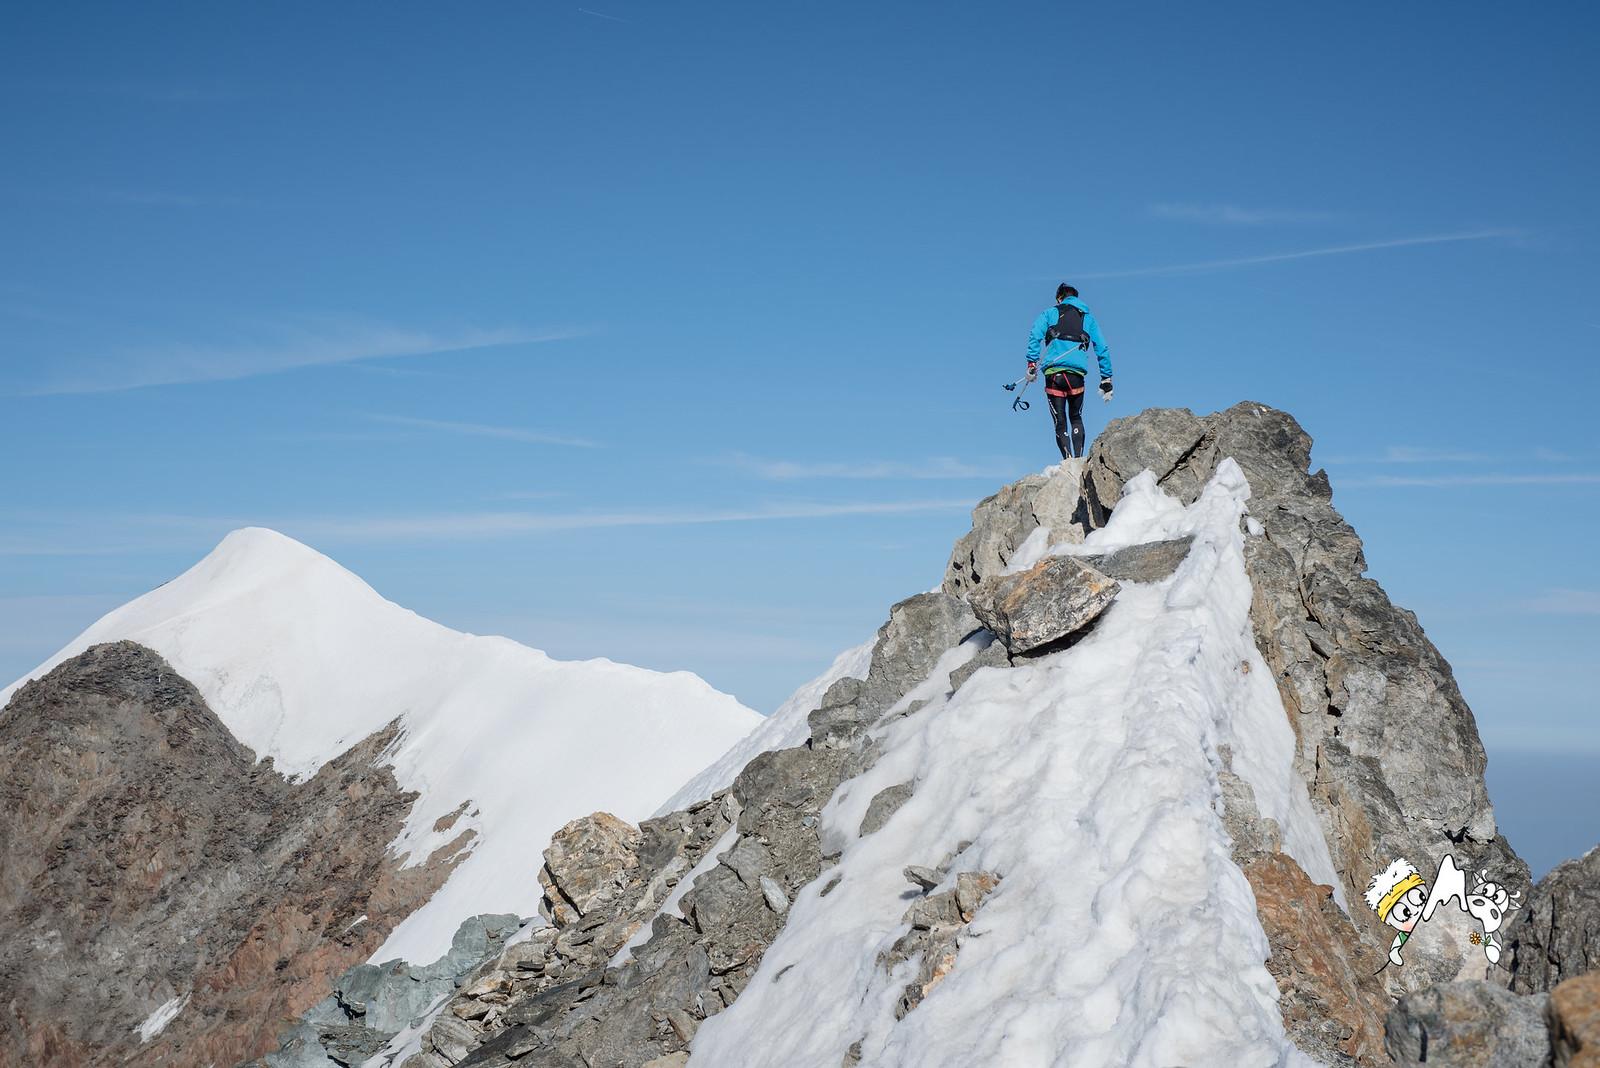 Při výstupu na Mt. Blanc. S laskavým svolením Marca De Gasperiho.